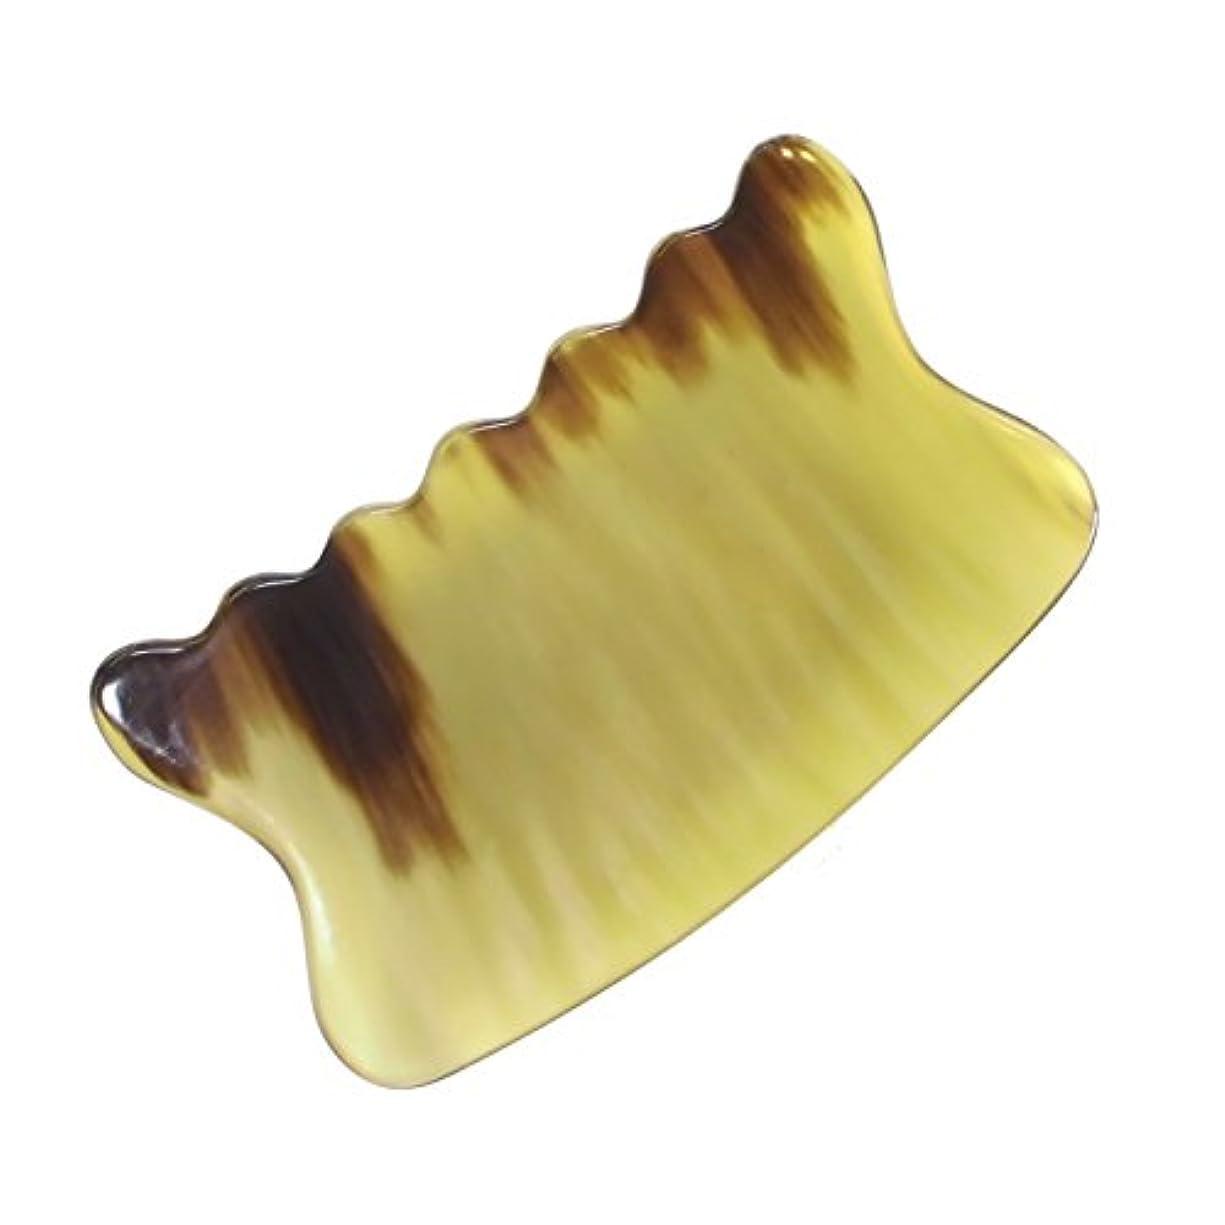 乙女神経水かっさ プレート 希少69 黄水牛角 極美品 曲波型